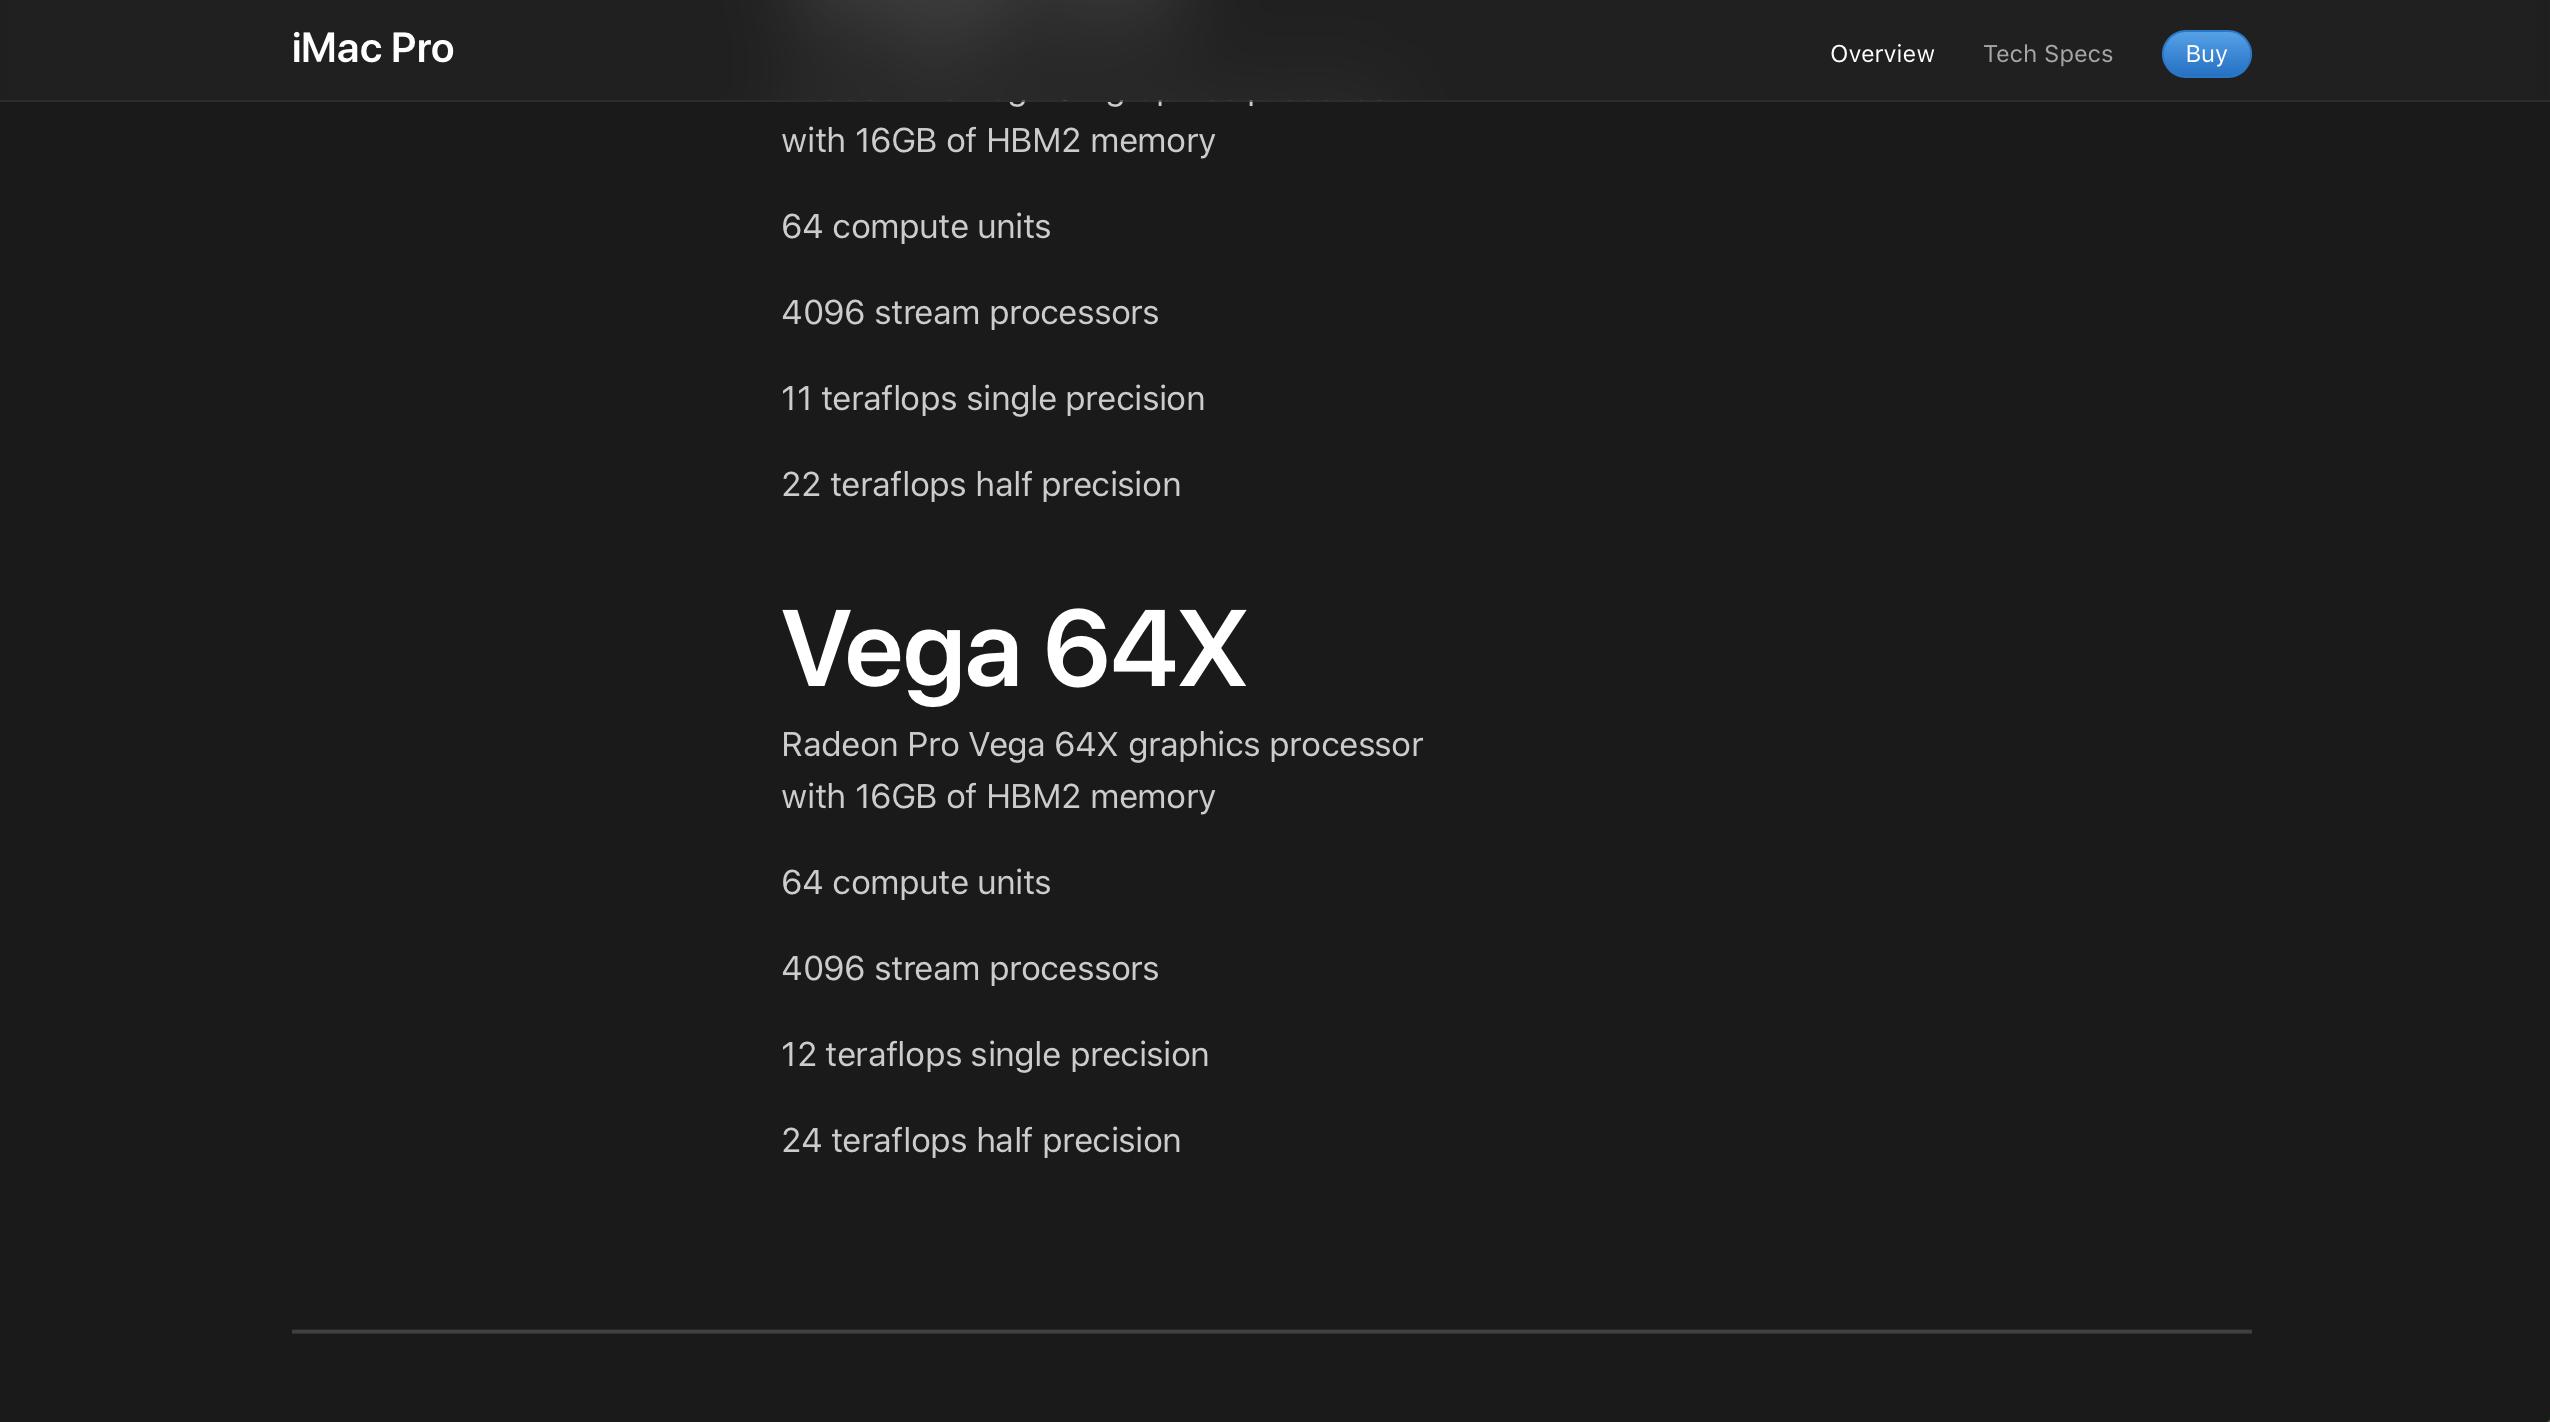 Radeon Pro Vega 64X specs